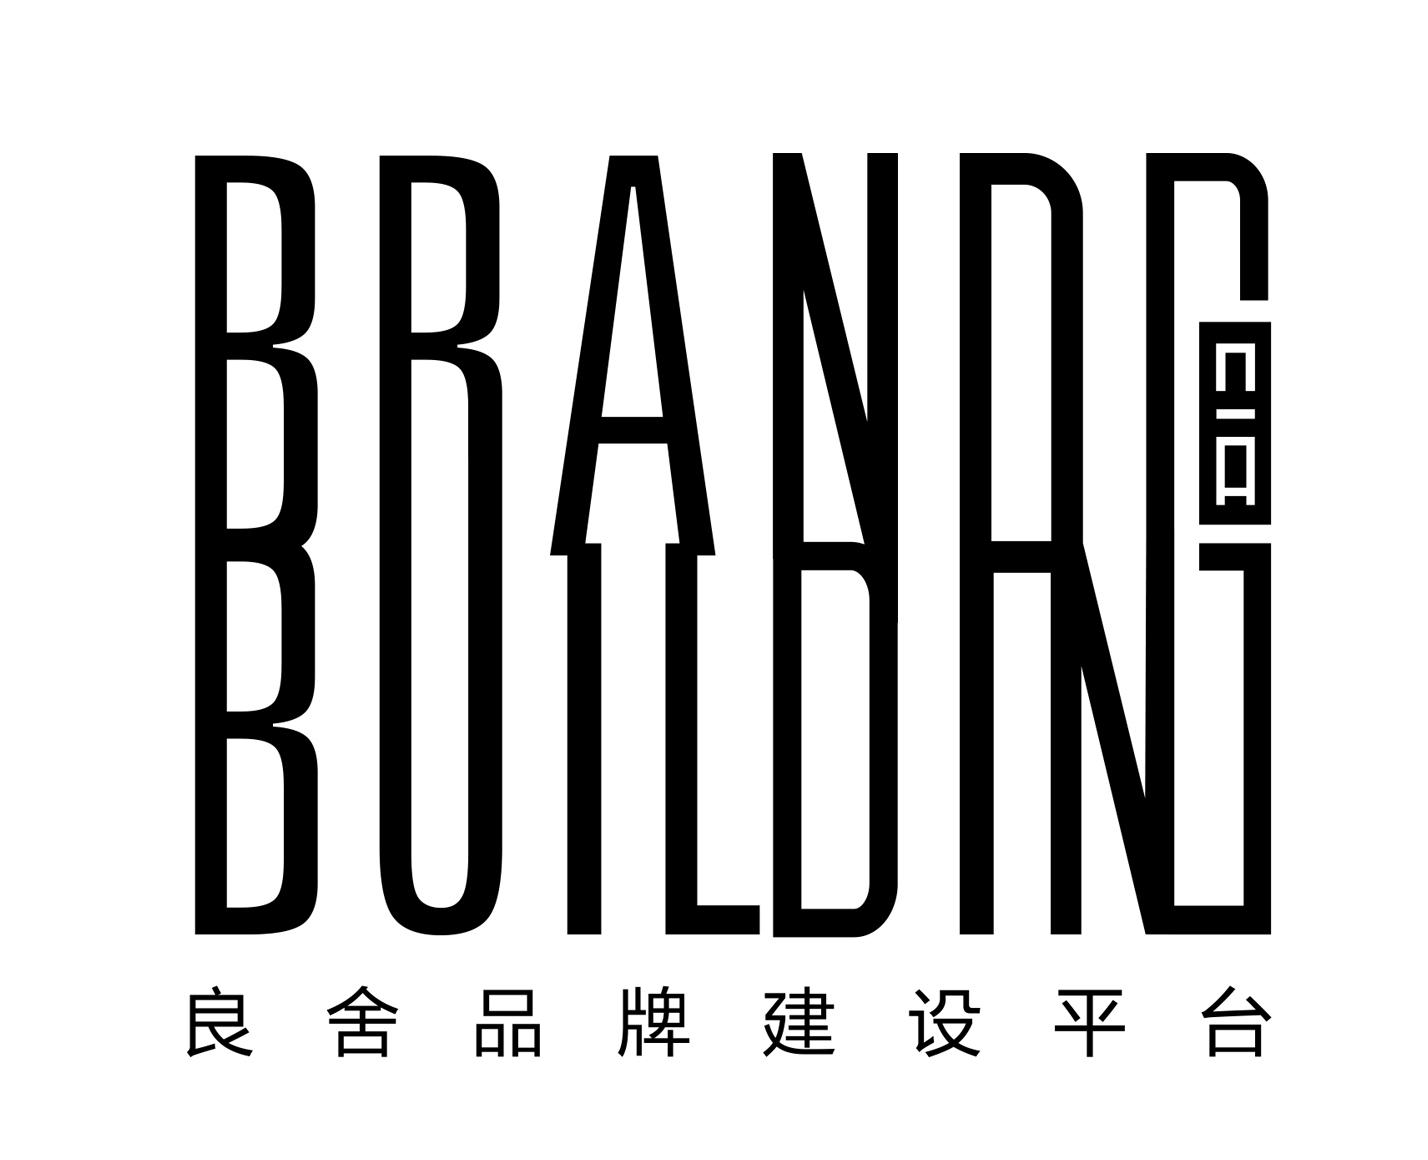 山东餐饮连锁设计有限公司_建筑项目合作装饰设计-山东颉筑装饰设计有限公司